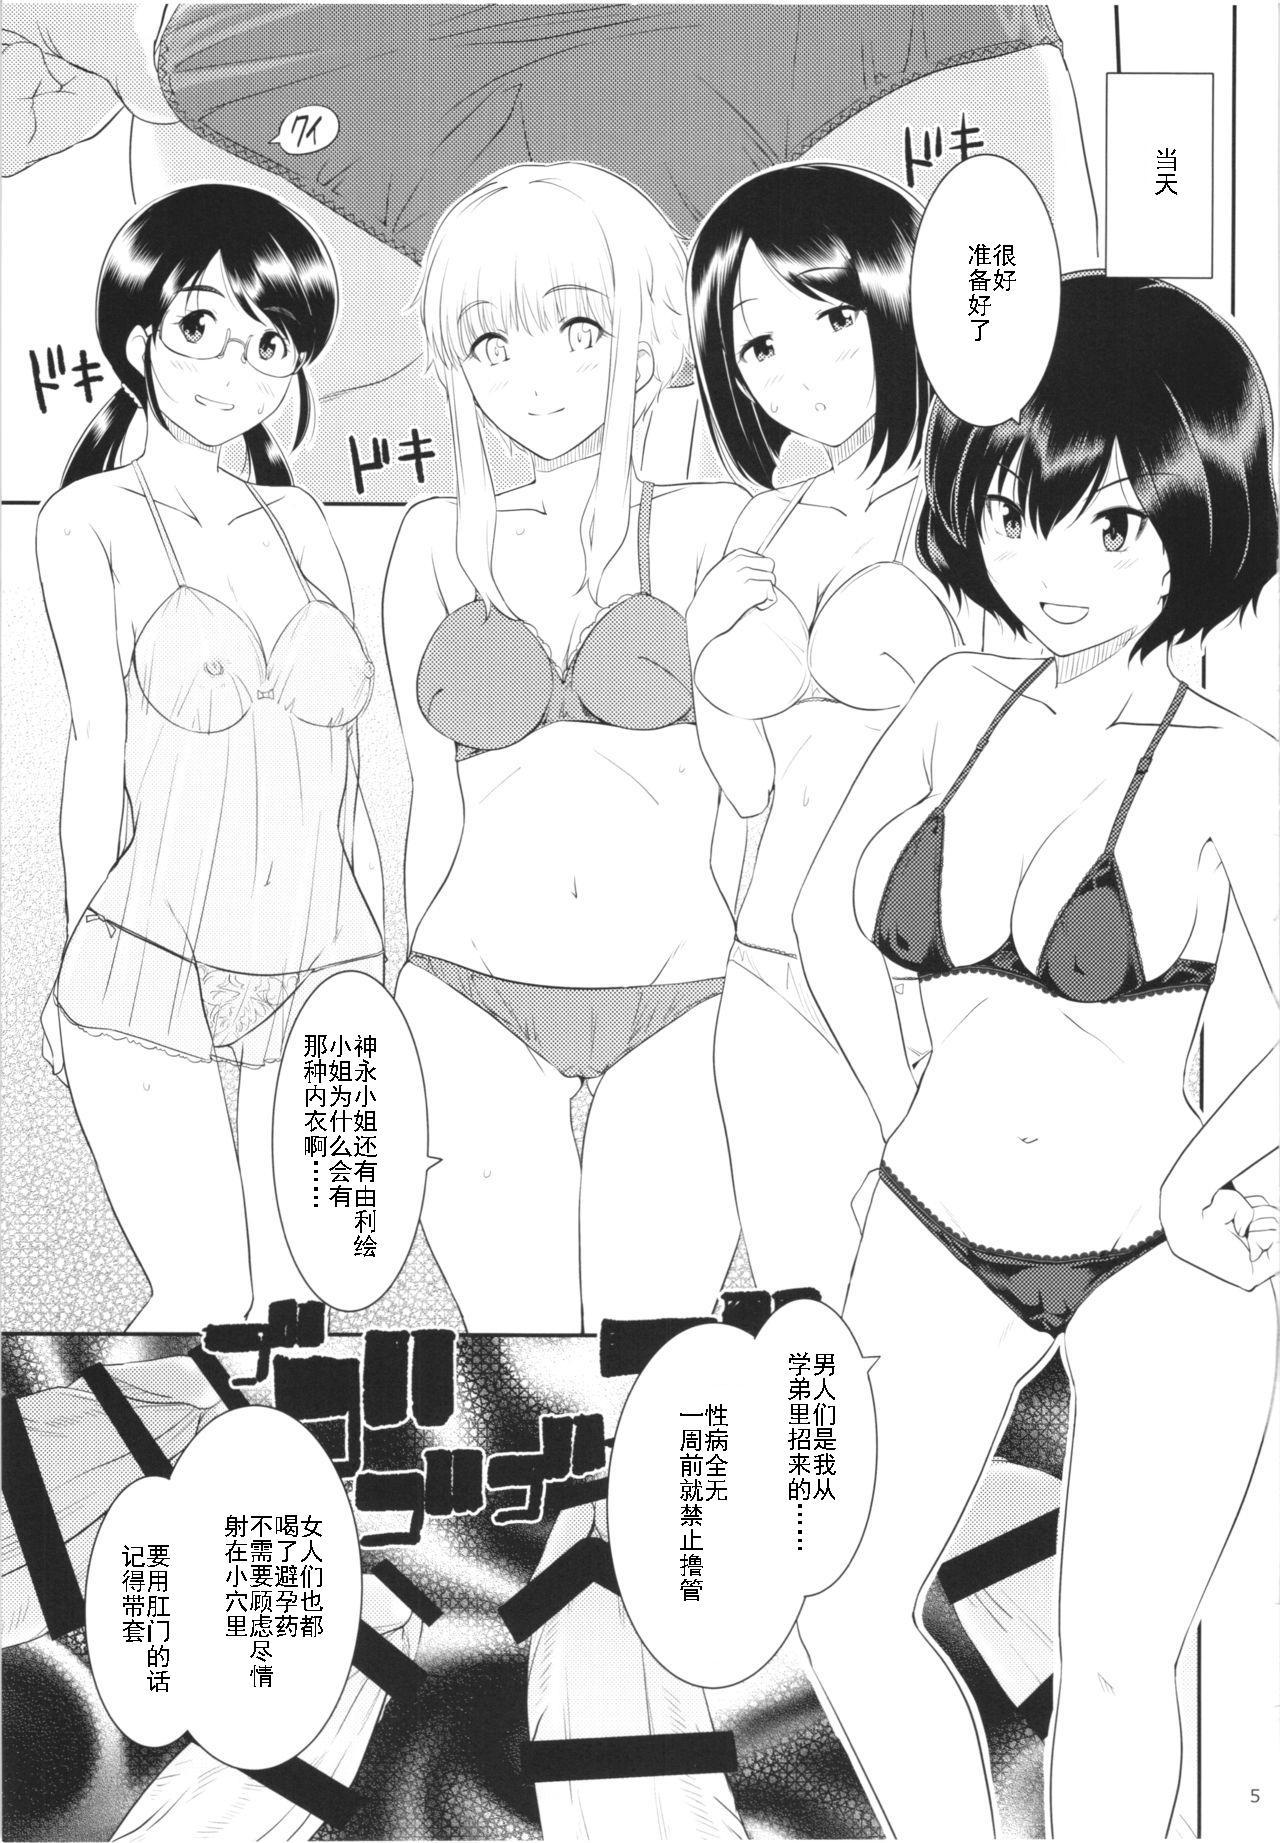 Ku-neru Sumata 2 3